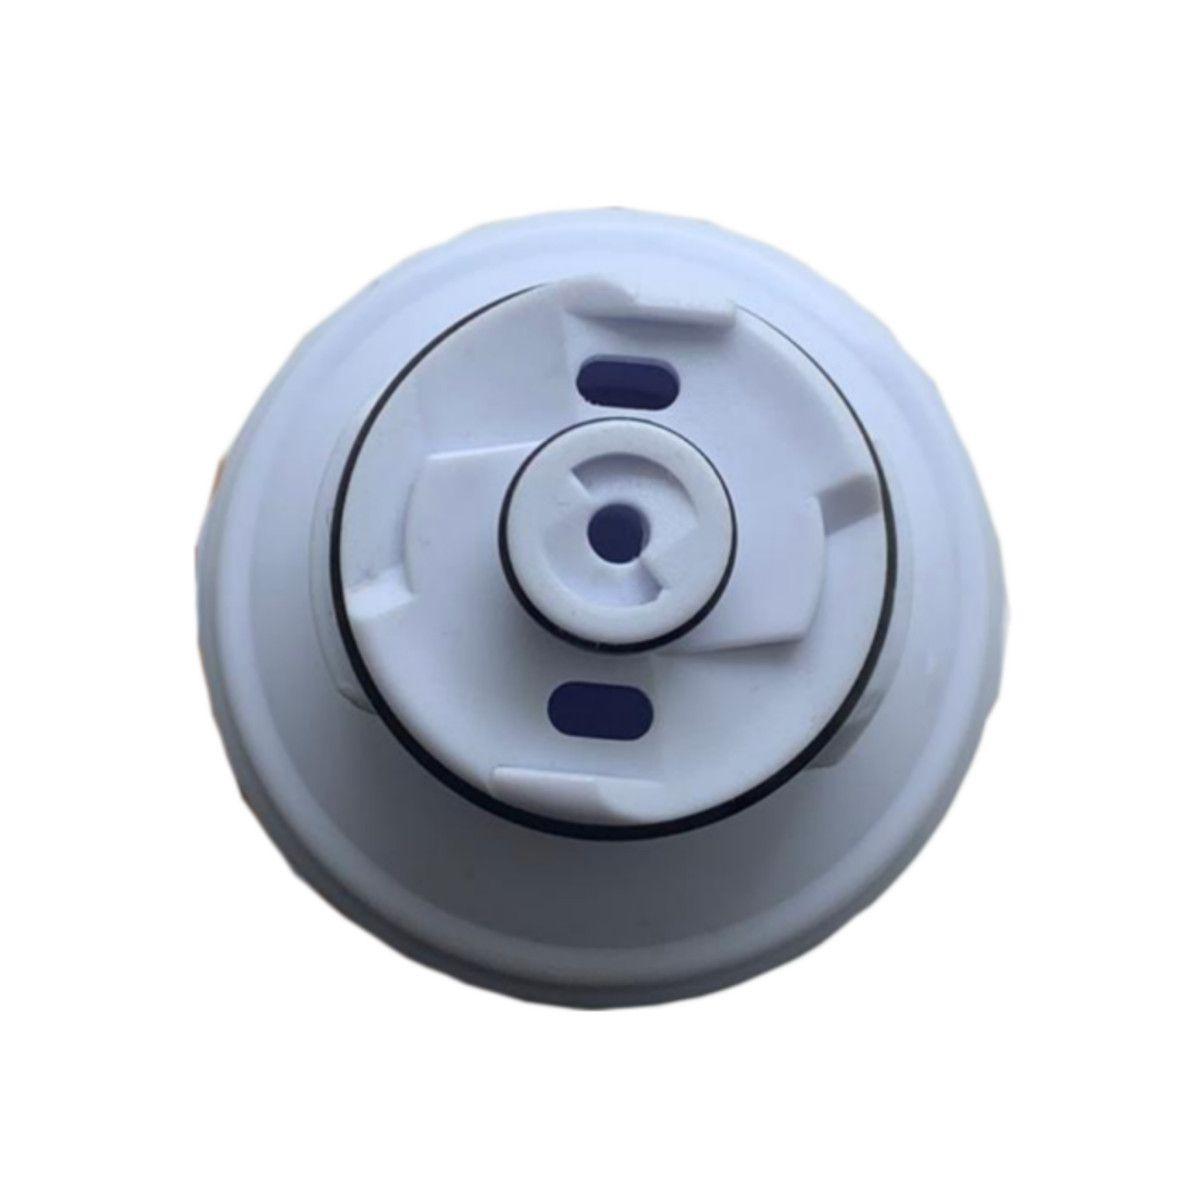 Refil Filtro Compatível Electrolux Pa 21, 26, 31 E G.